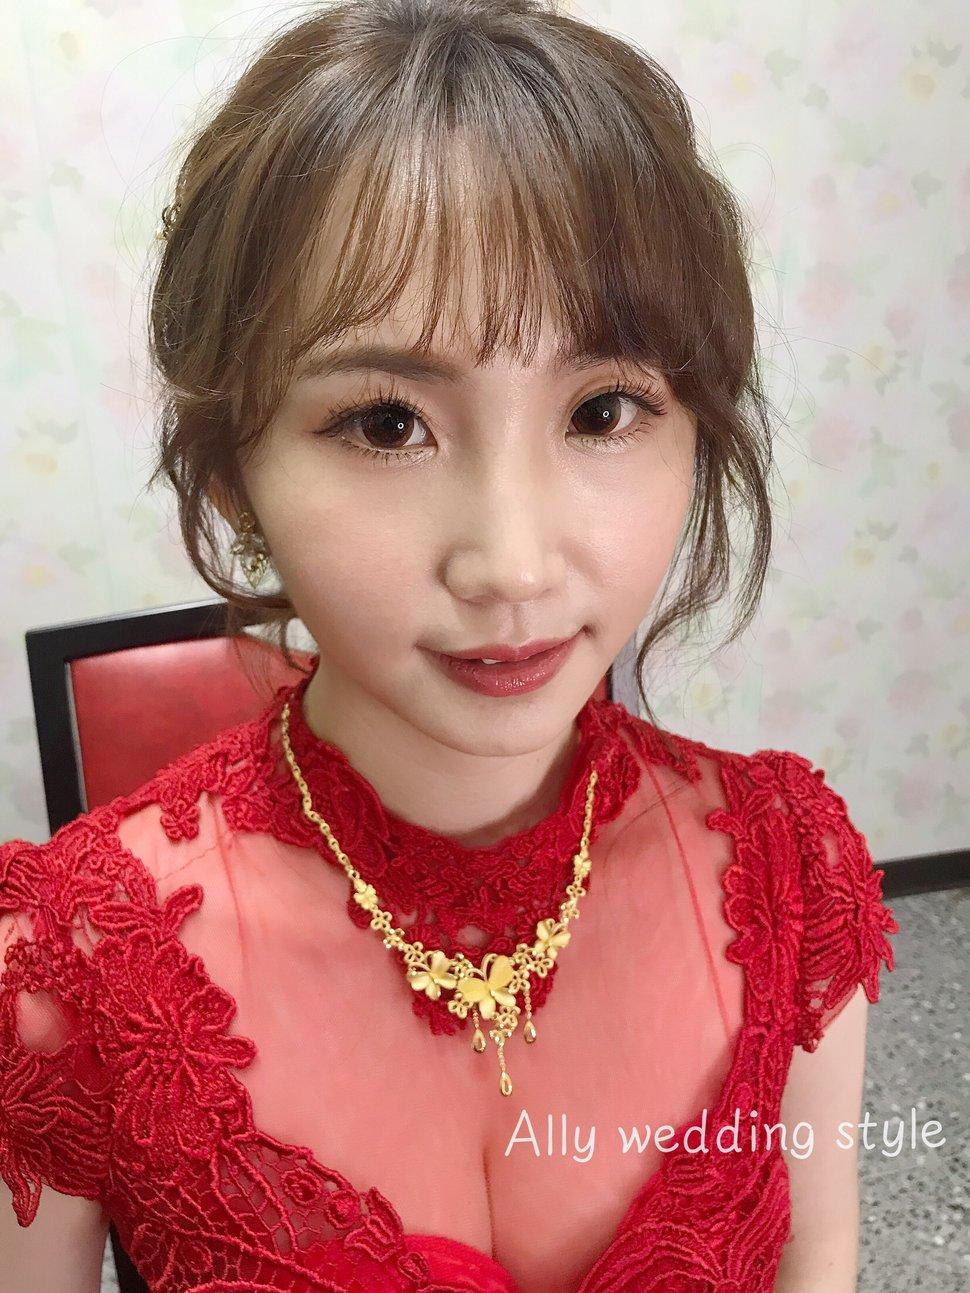 E68D5EDF-A053-43A9-B757-60B1DF9F00FB - 台中高雄新娘秘書Ally Chen《結婚吧》